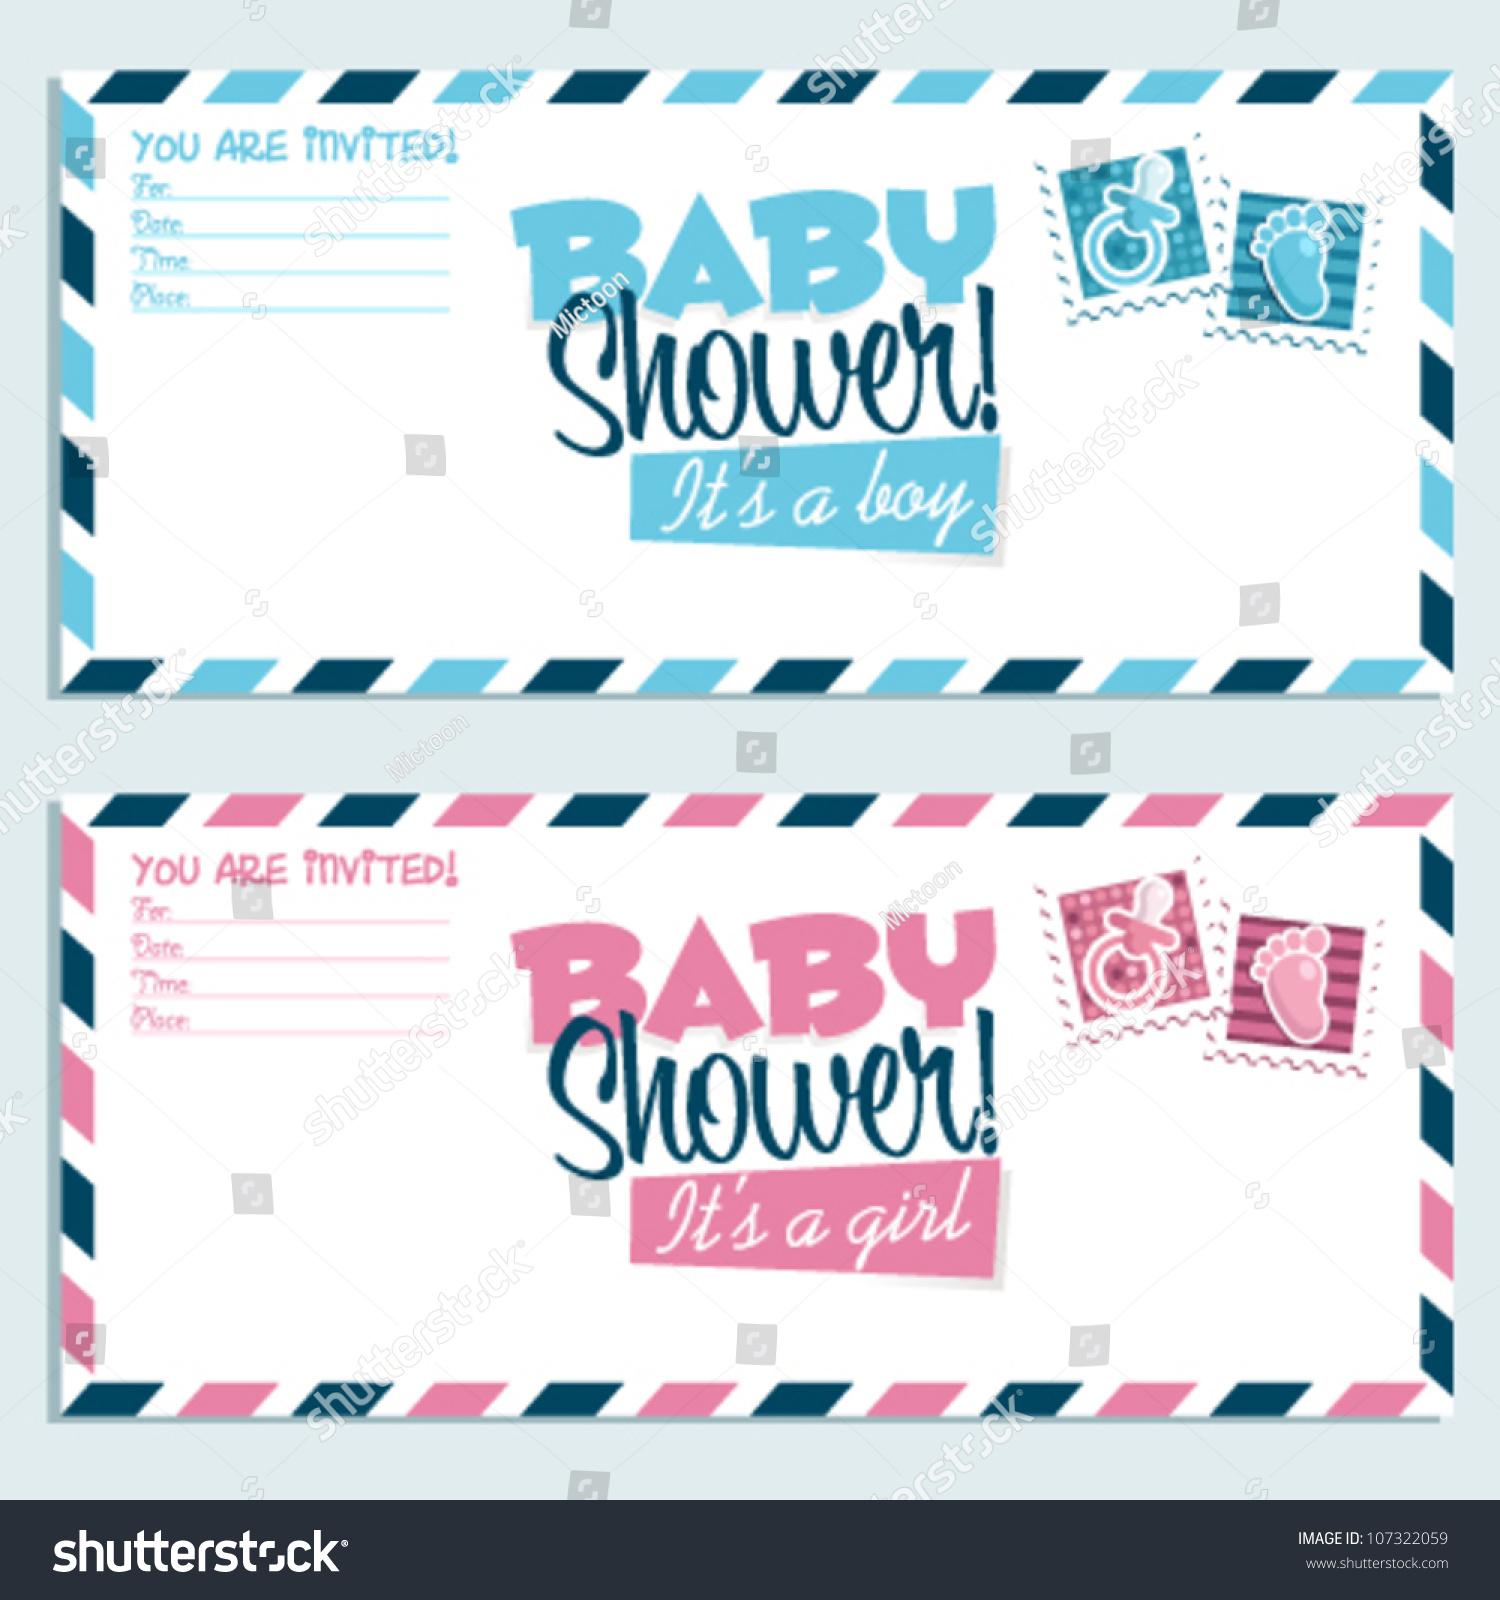 Baby Shower Invitation Envelope Stock Vector 107322059 - Shutterstock